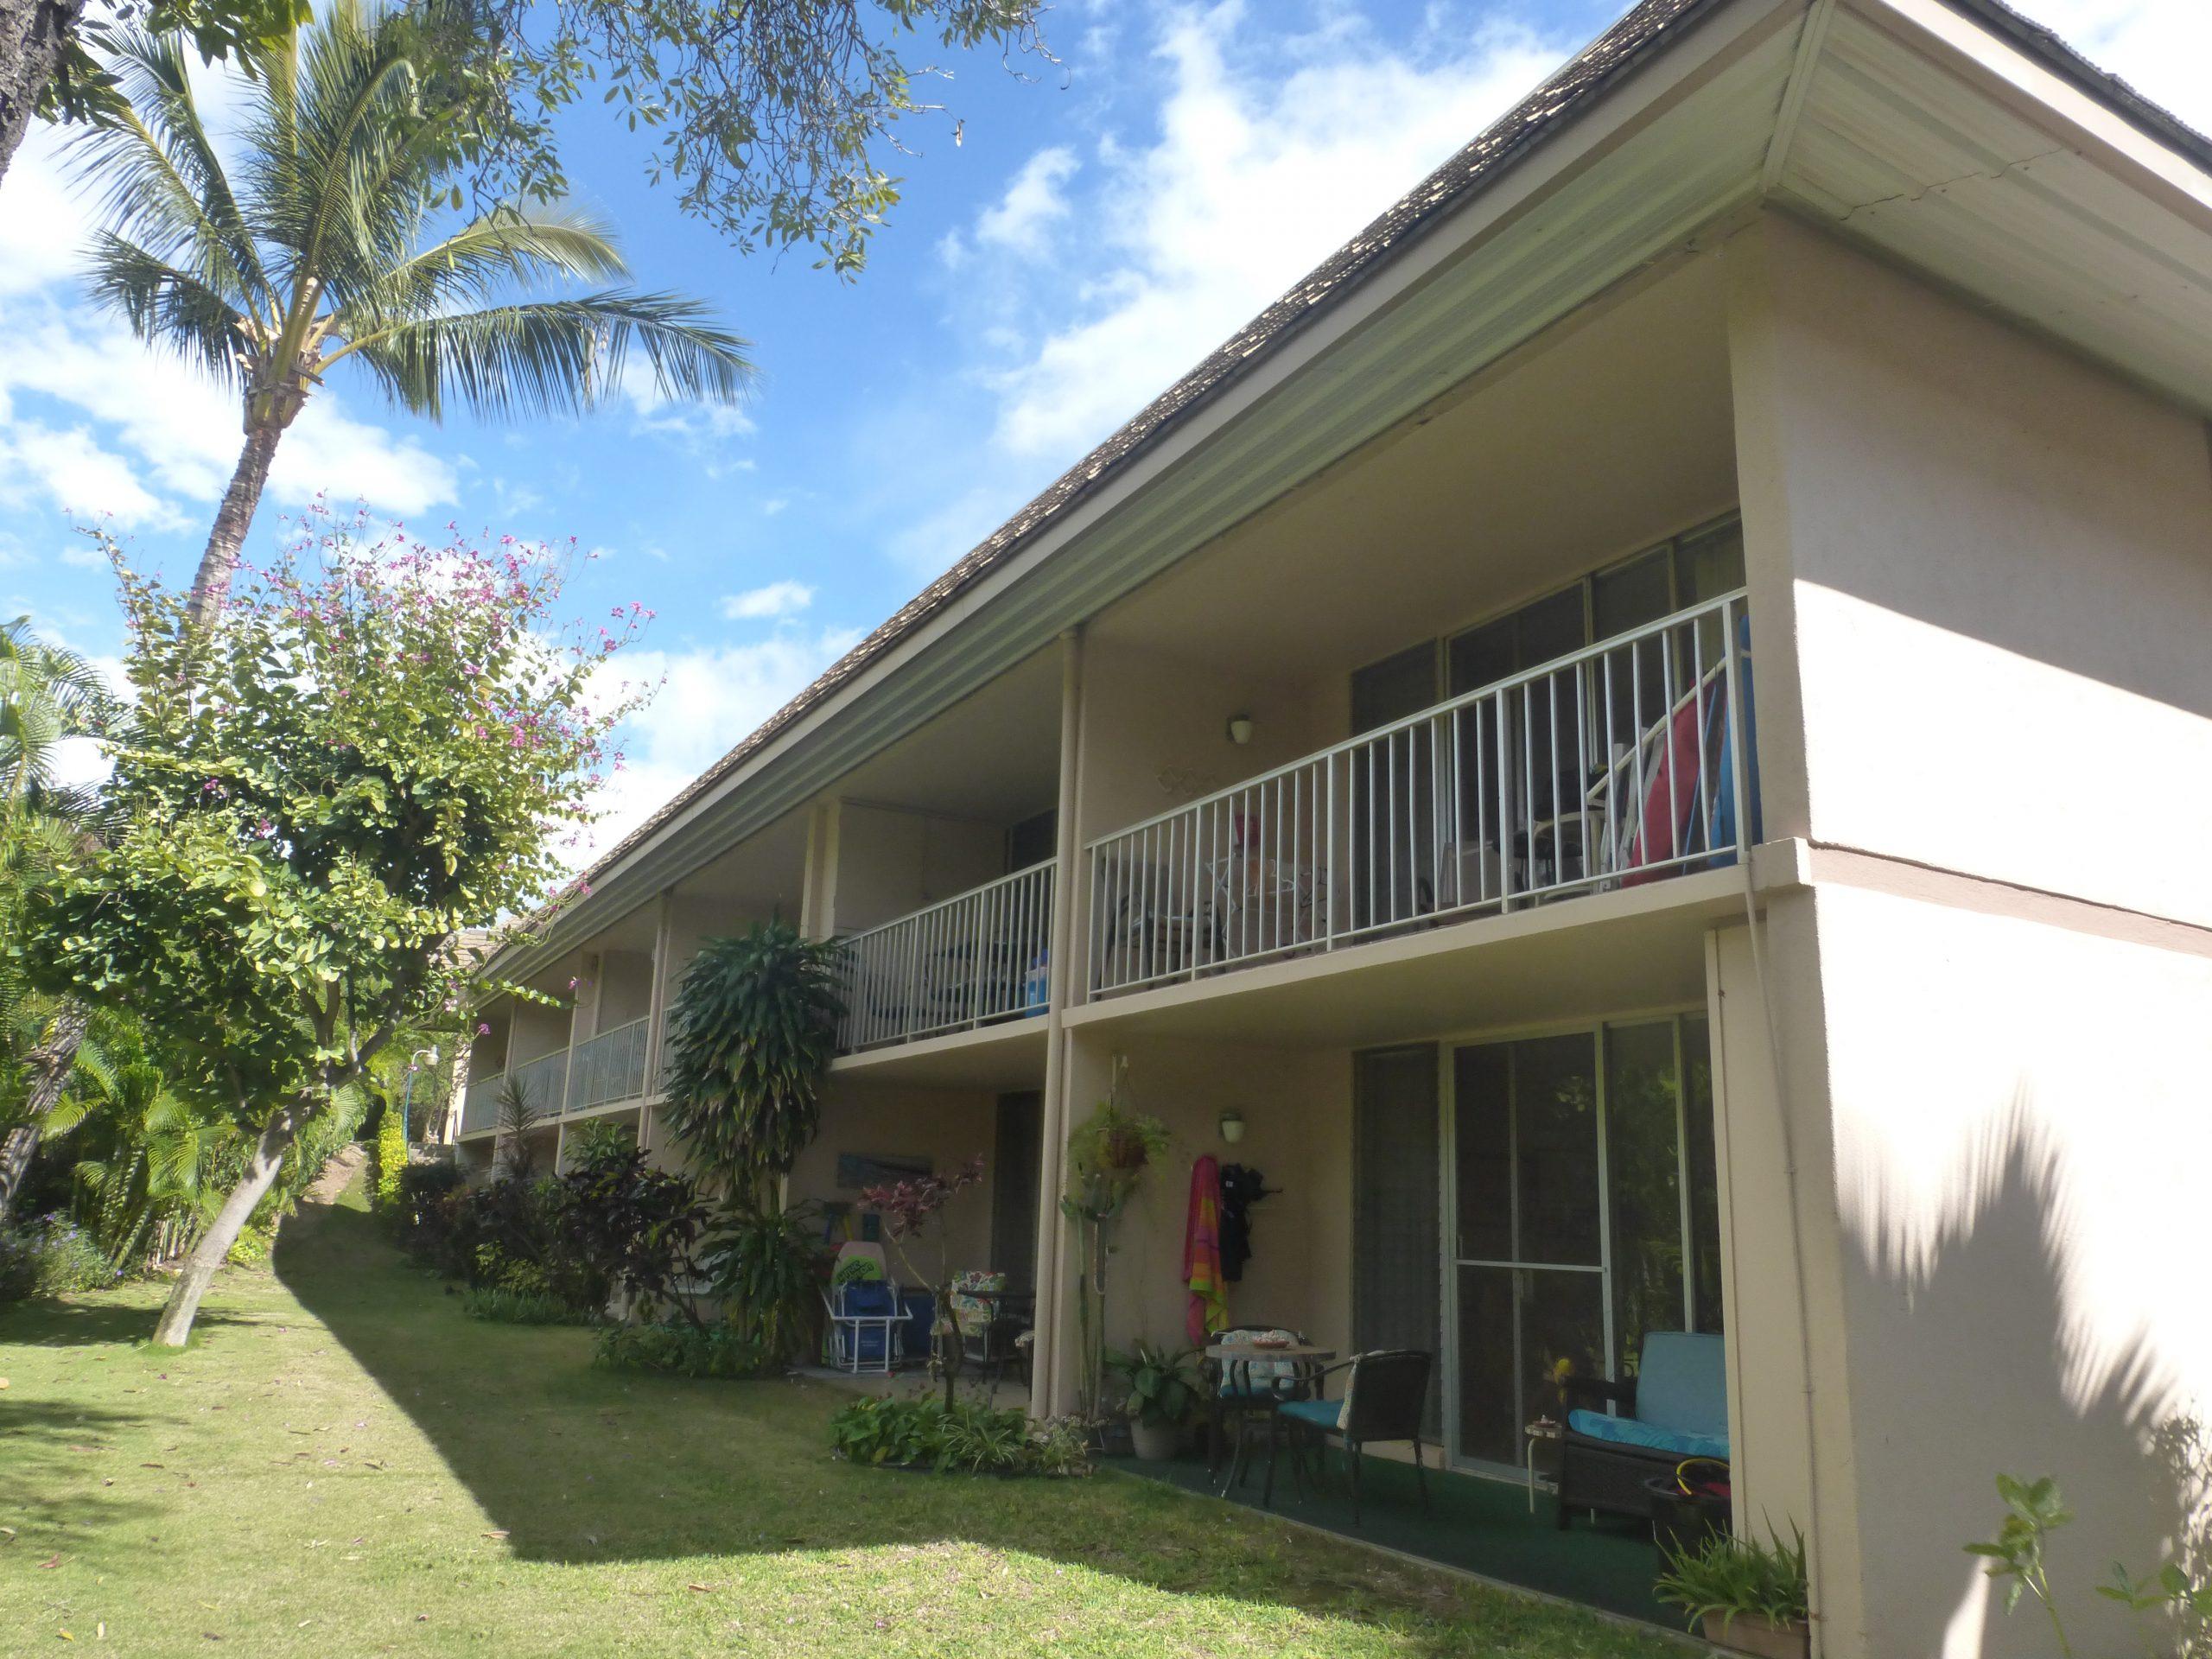 Building 7 Backyard view